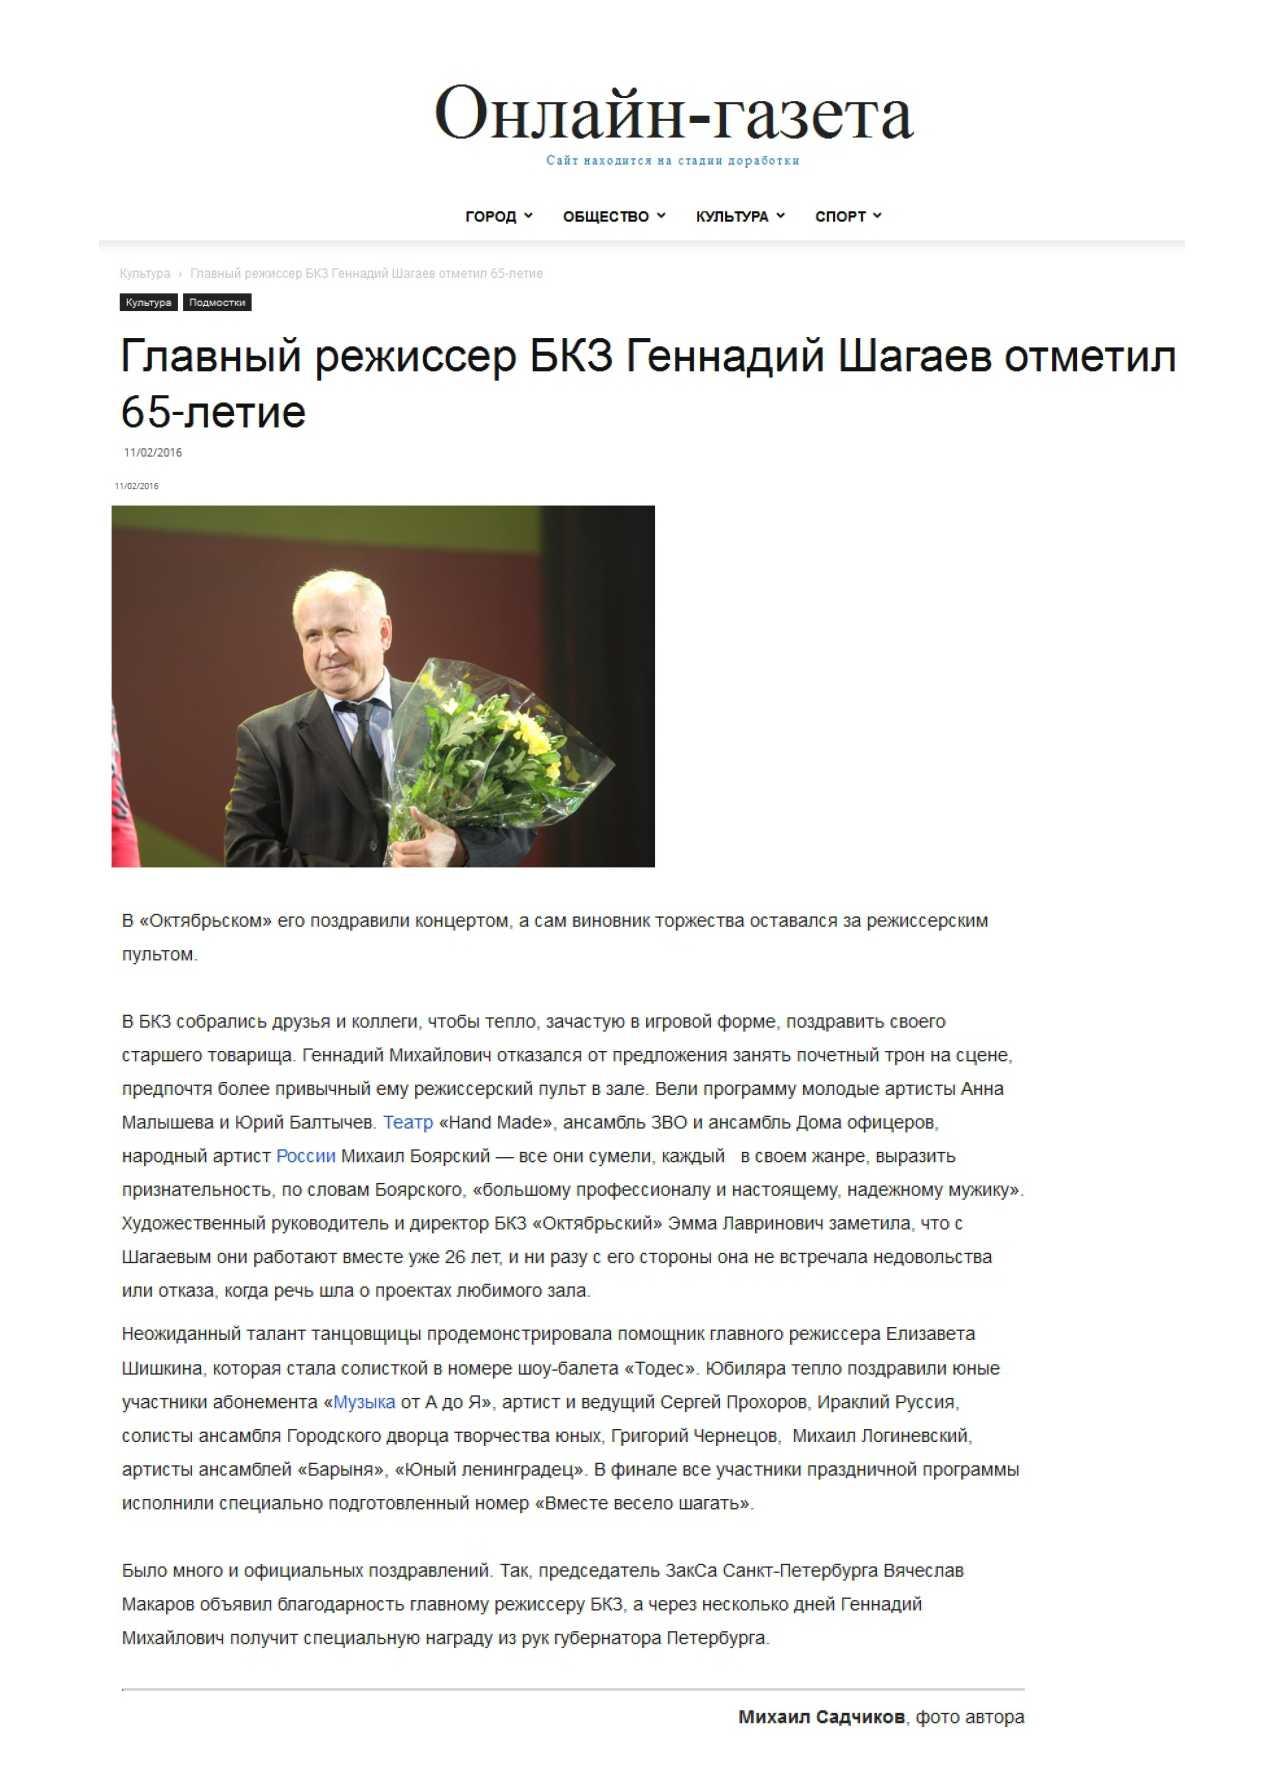 Press_Metro_onlinegazeta_160211_3